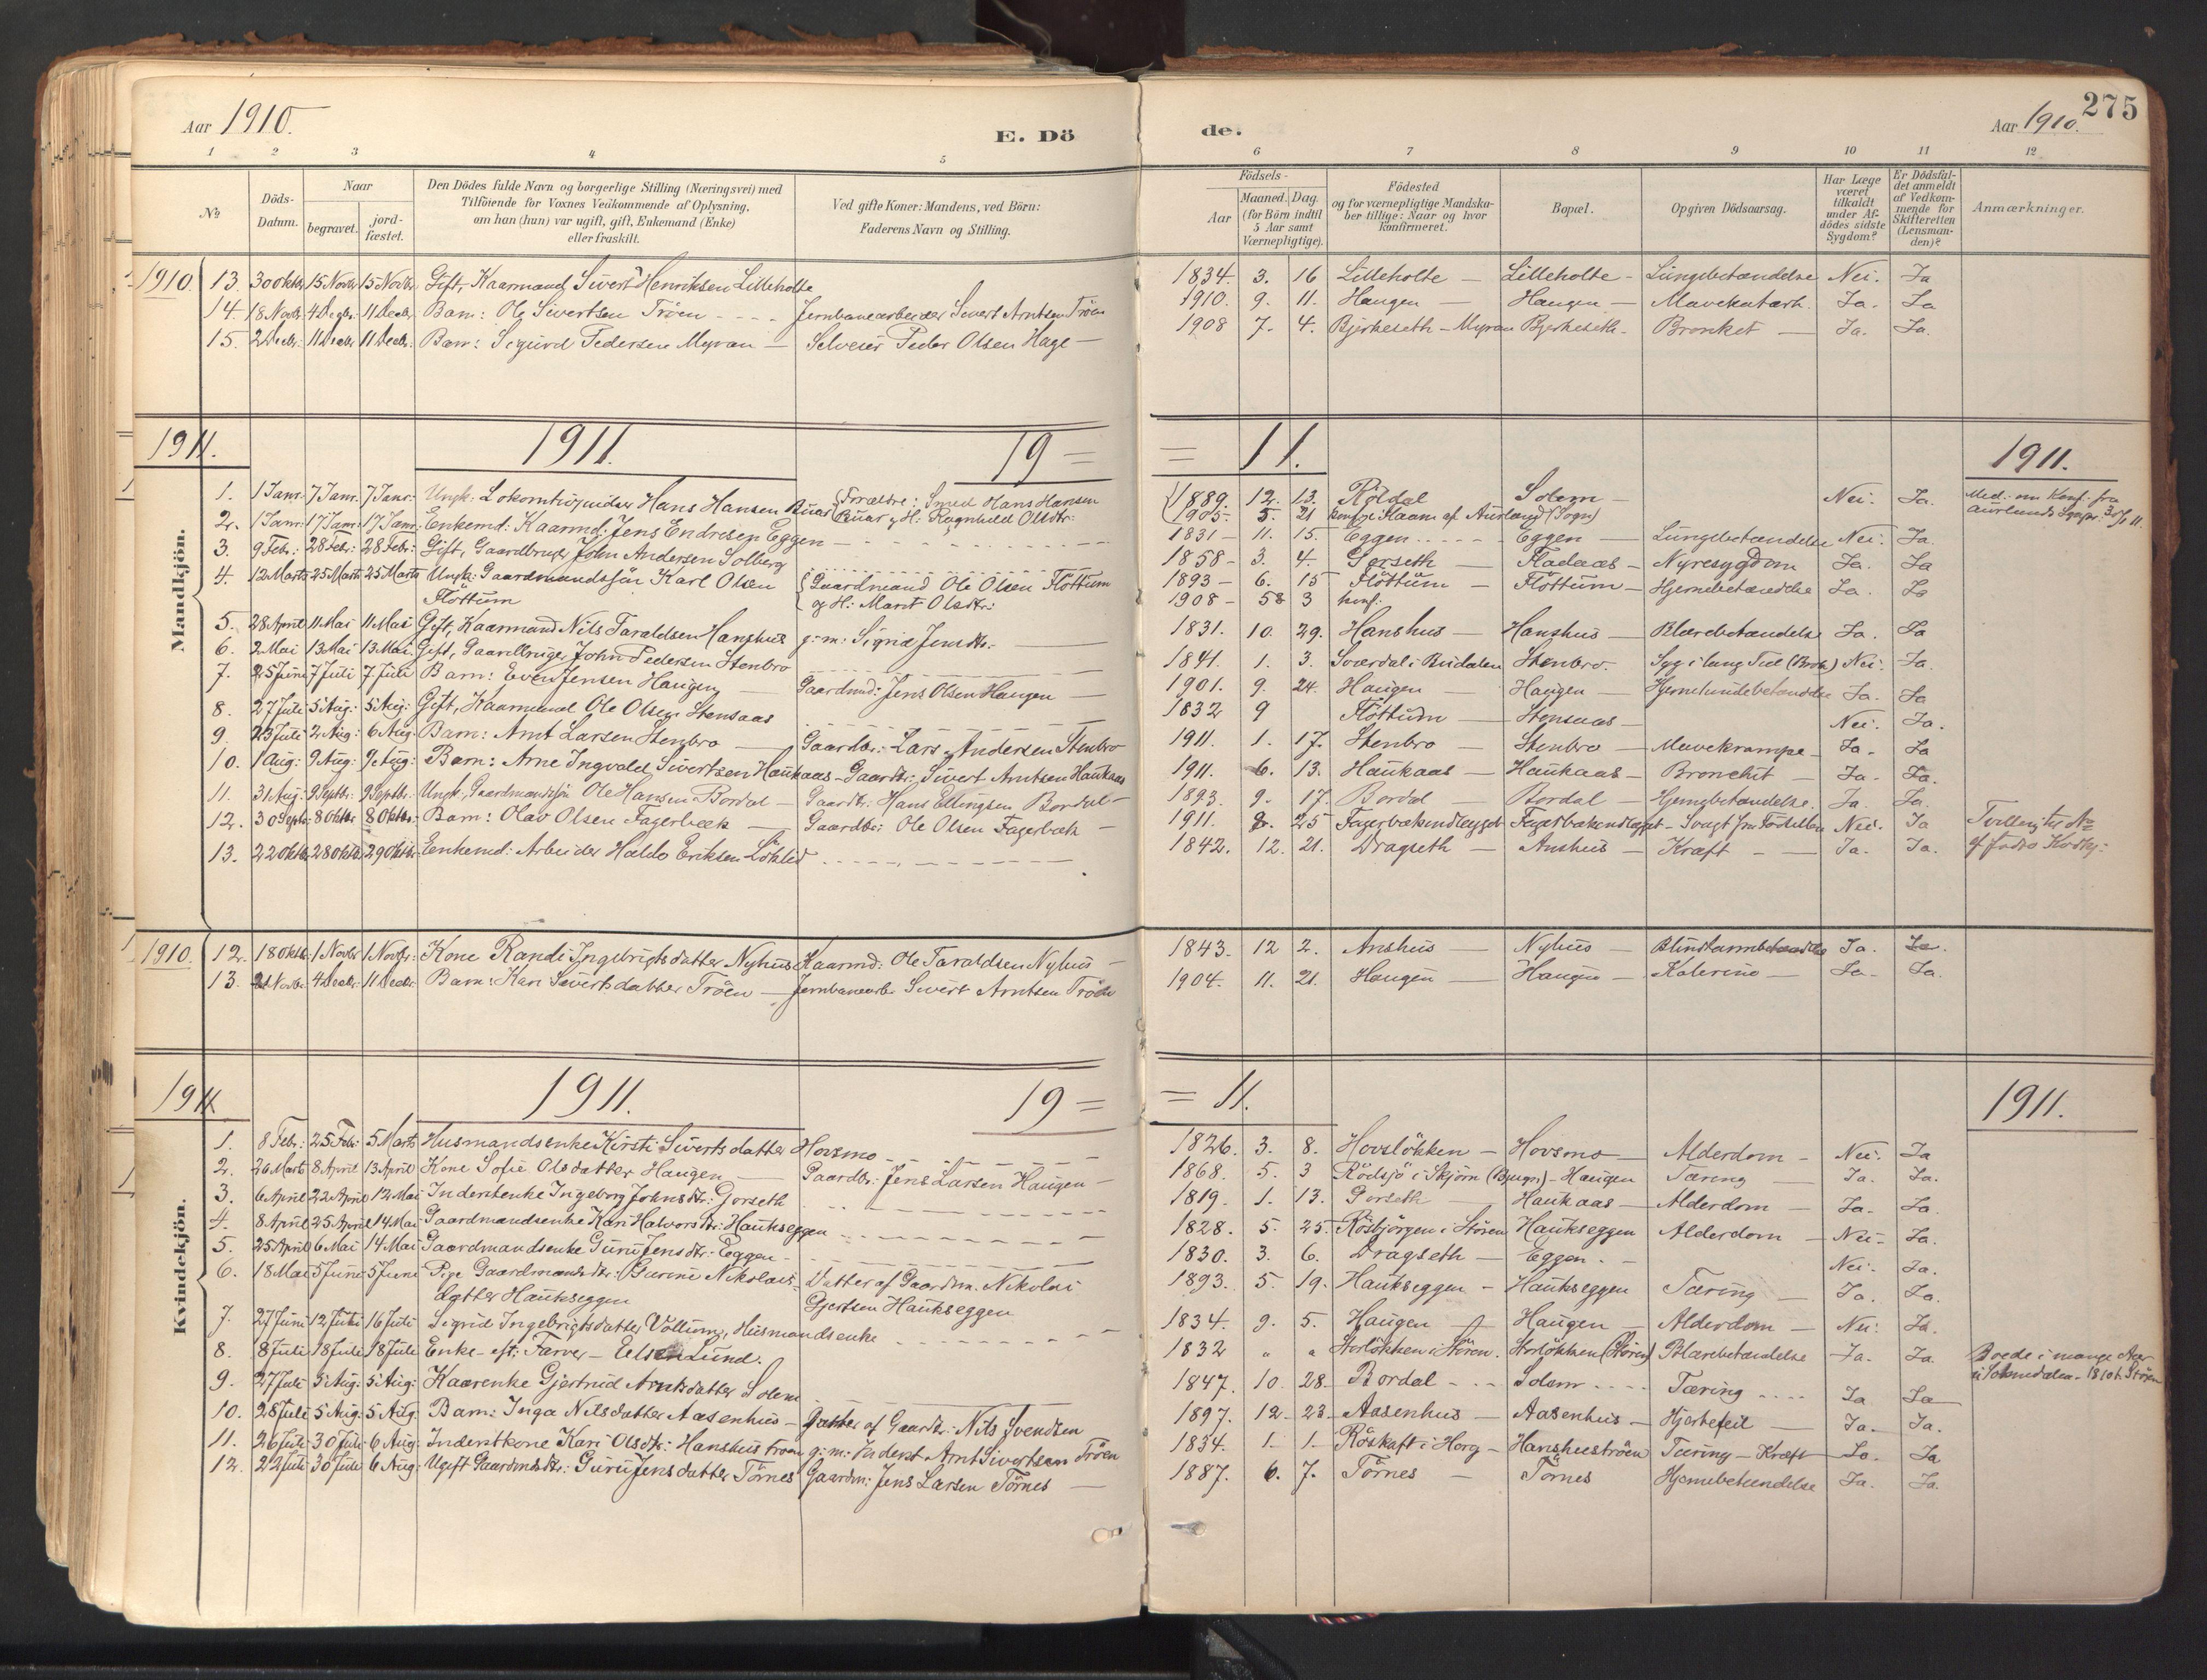 SAT, Ministerialprotokoller, klokkerbøker og fødselsregistre - Sør-Trøndelag, 689/L1041: Ministerialbok nr. 689A06, 1891-1923, s. 275